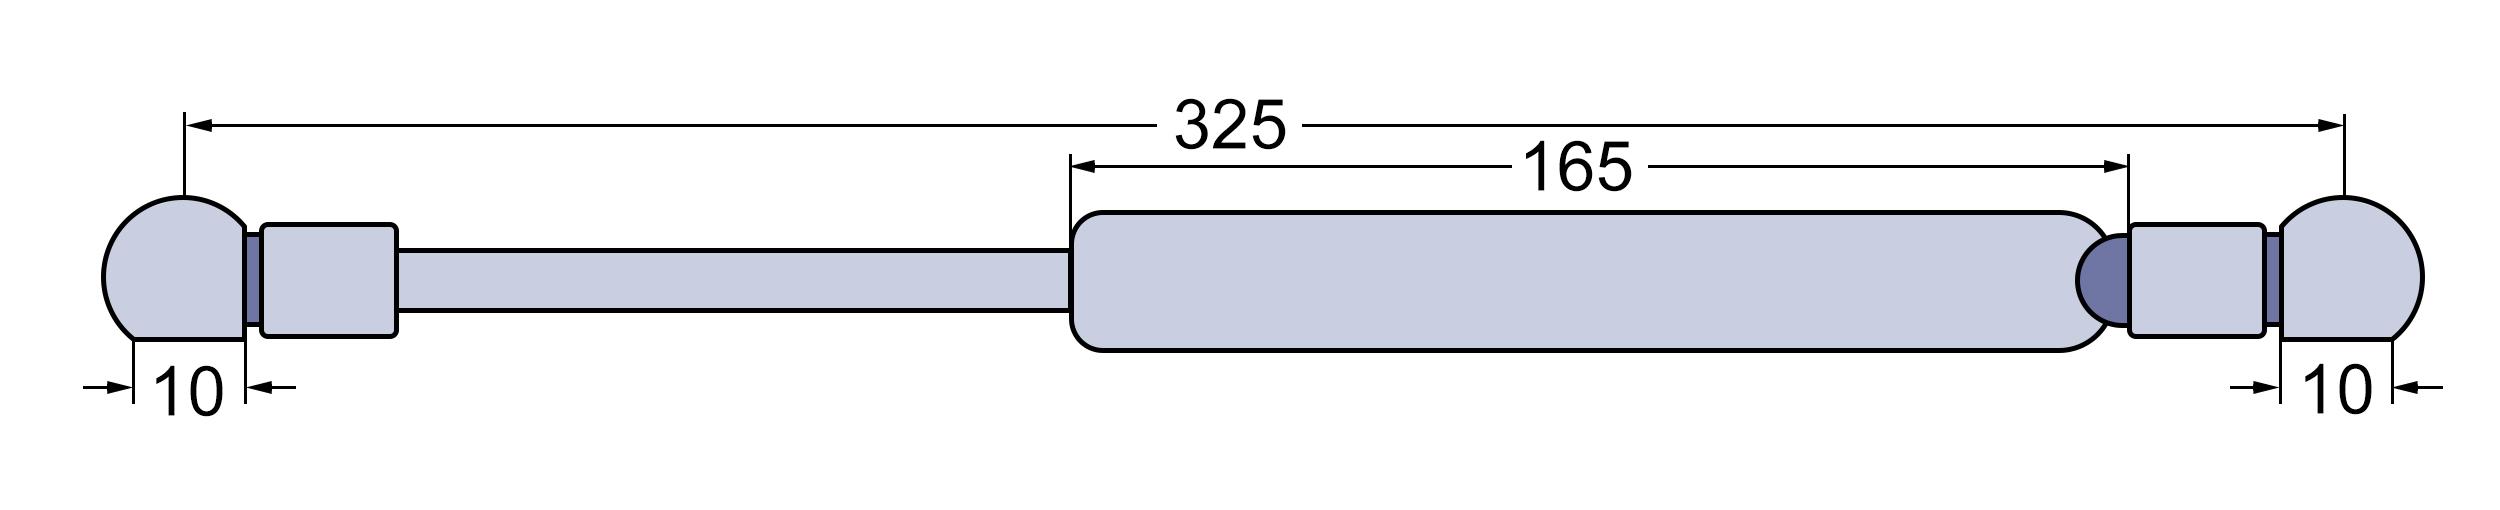 Gasdruckfeder für Fendt Front Heckscheibe X800420490000